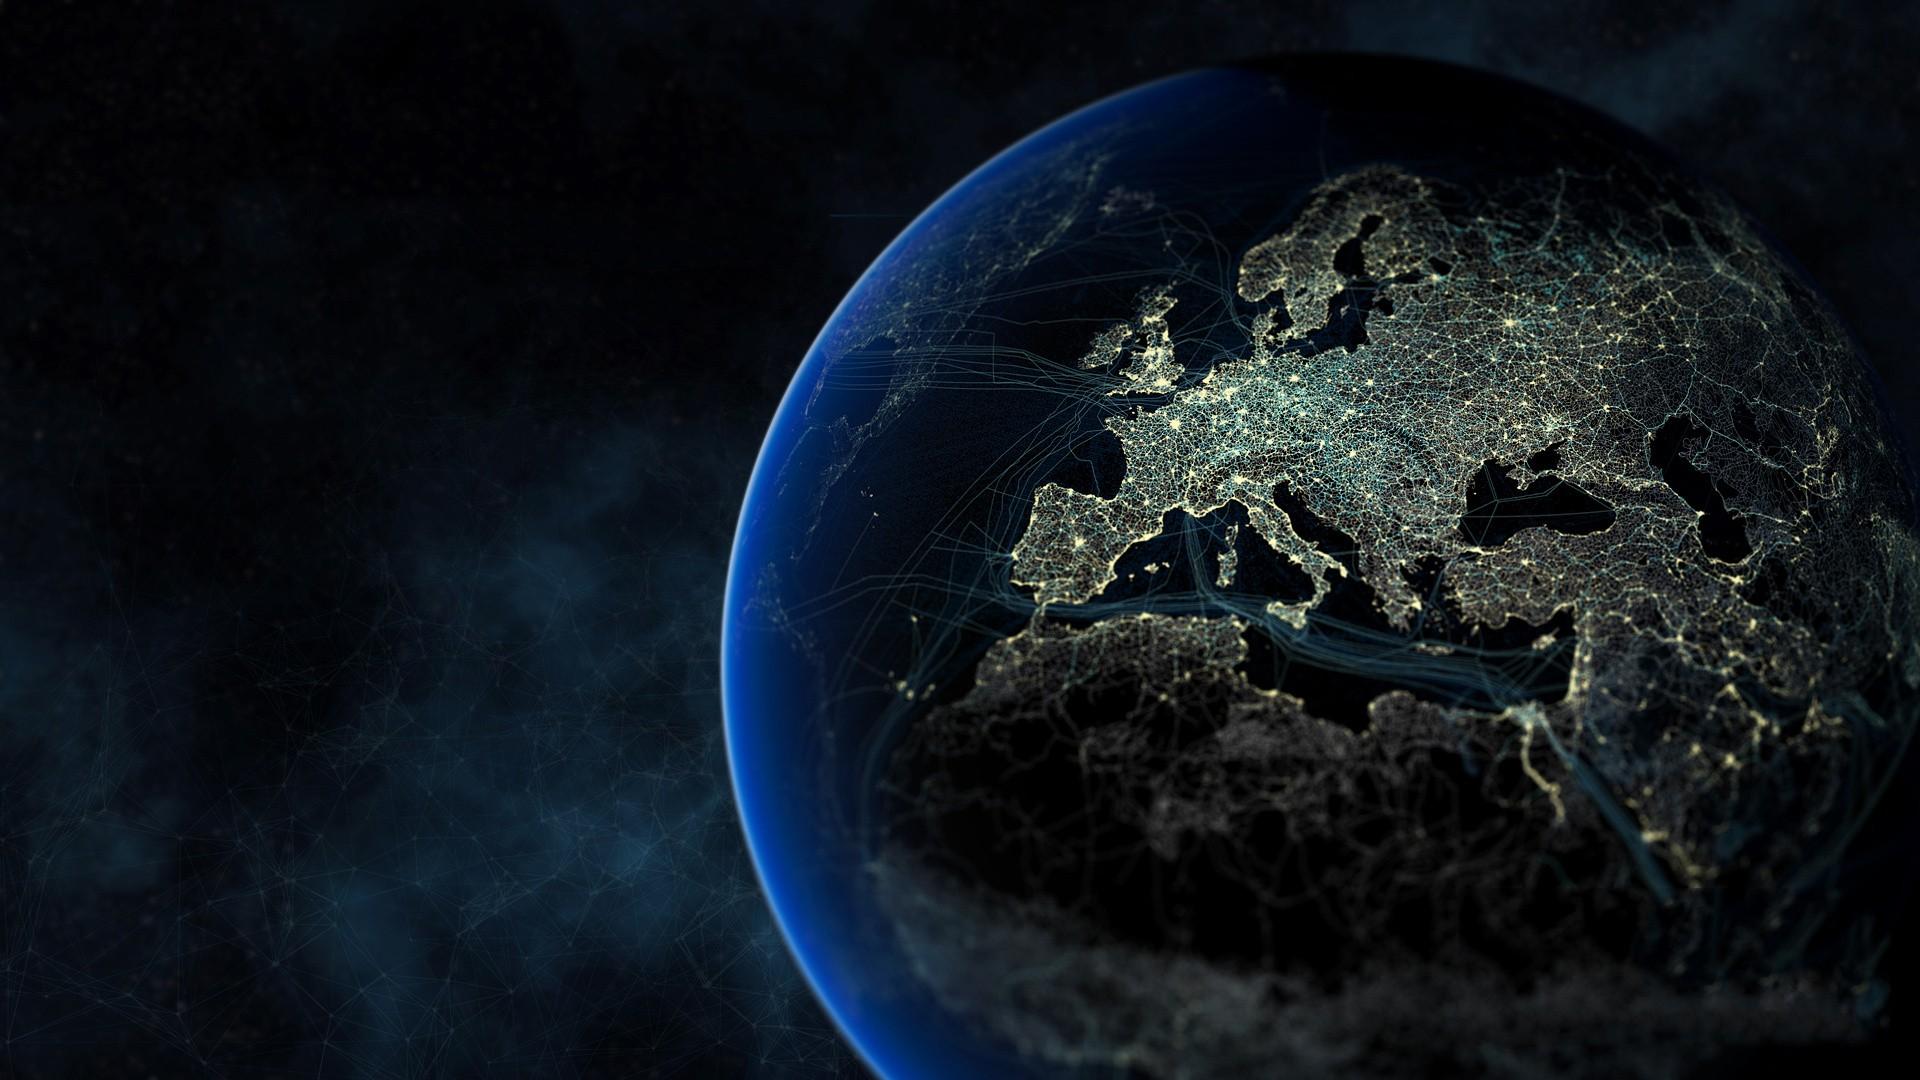 Обои планета земля planet earth картинки на рабочий стол на тему Космос — скачать смотреть